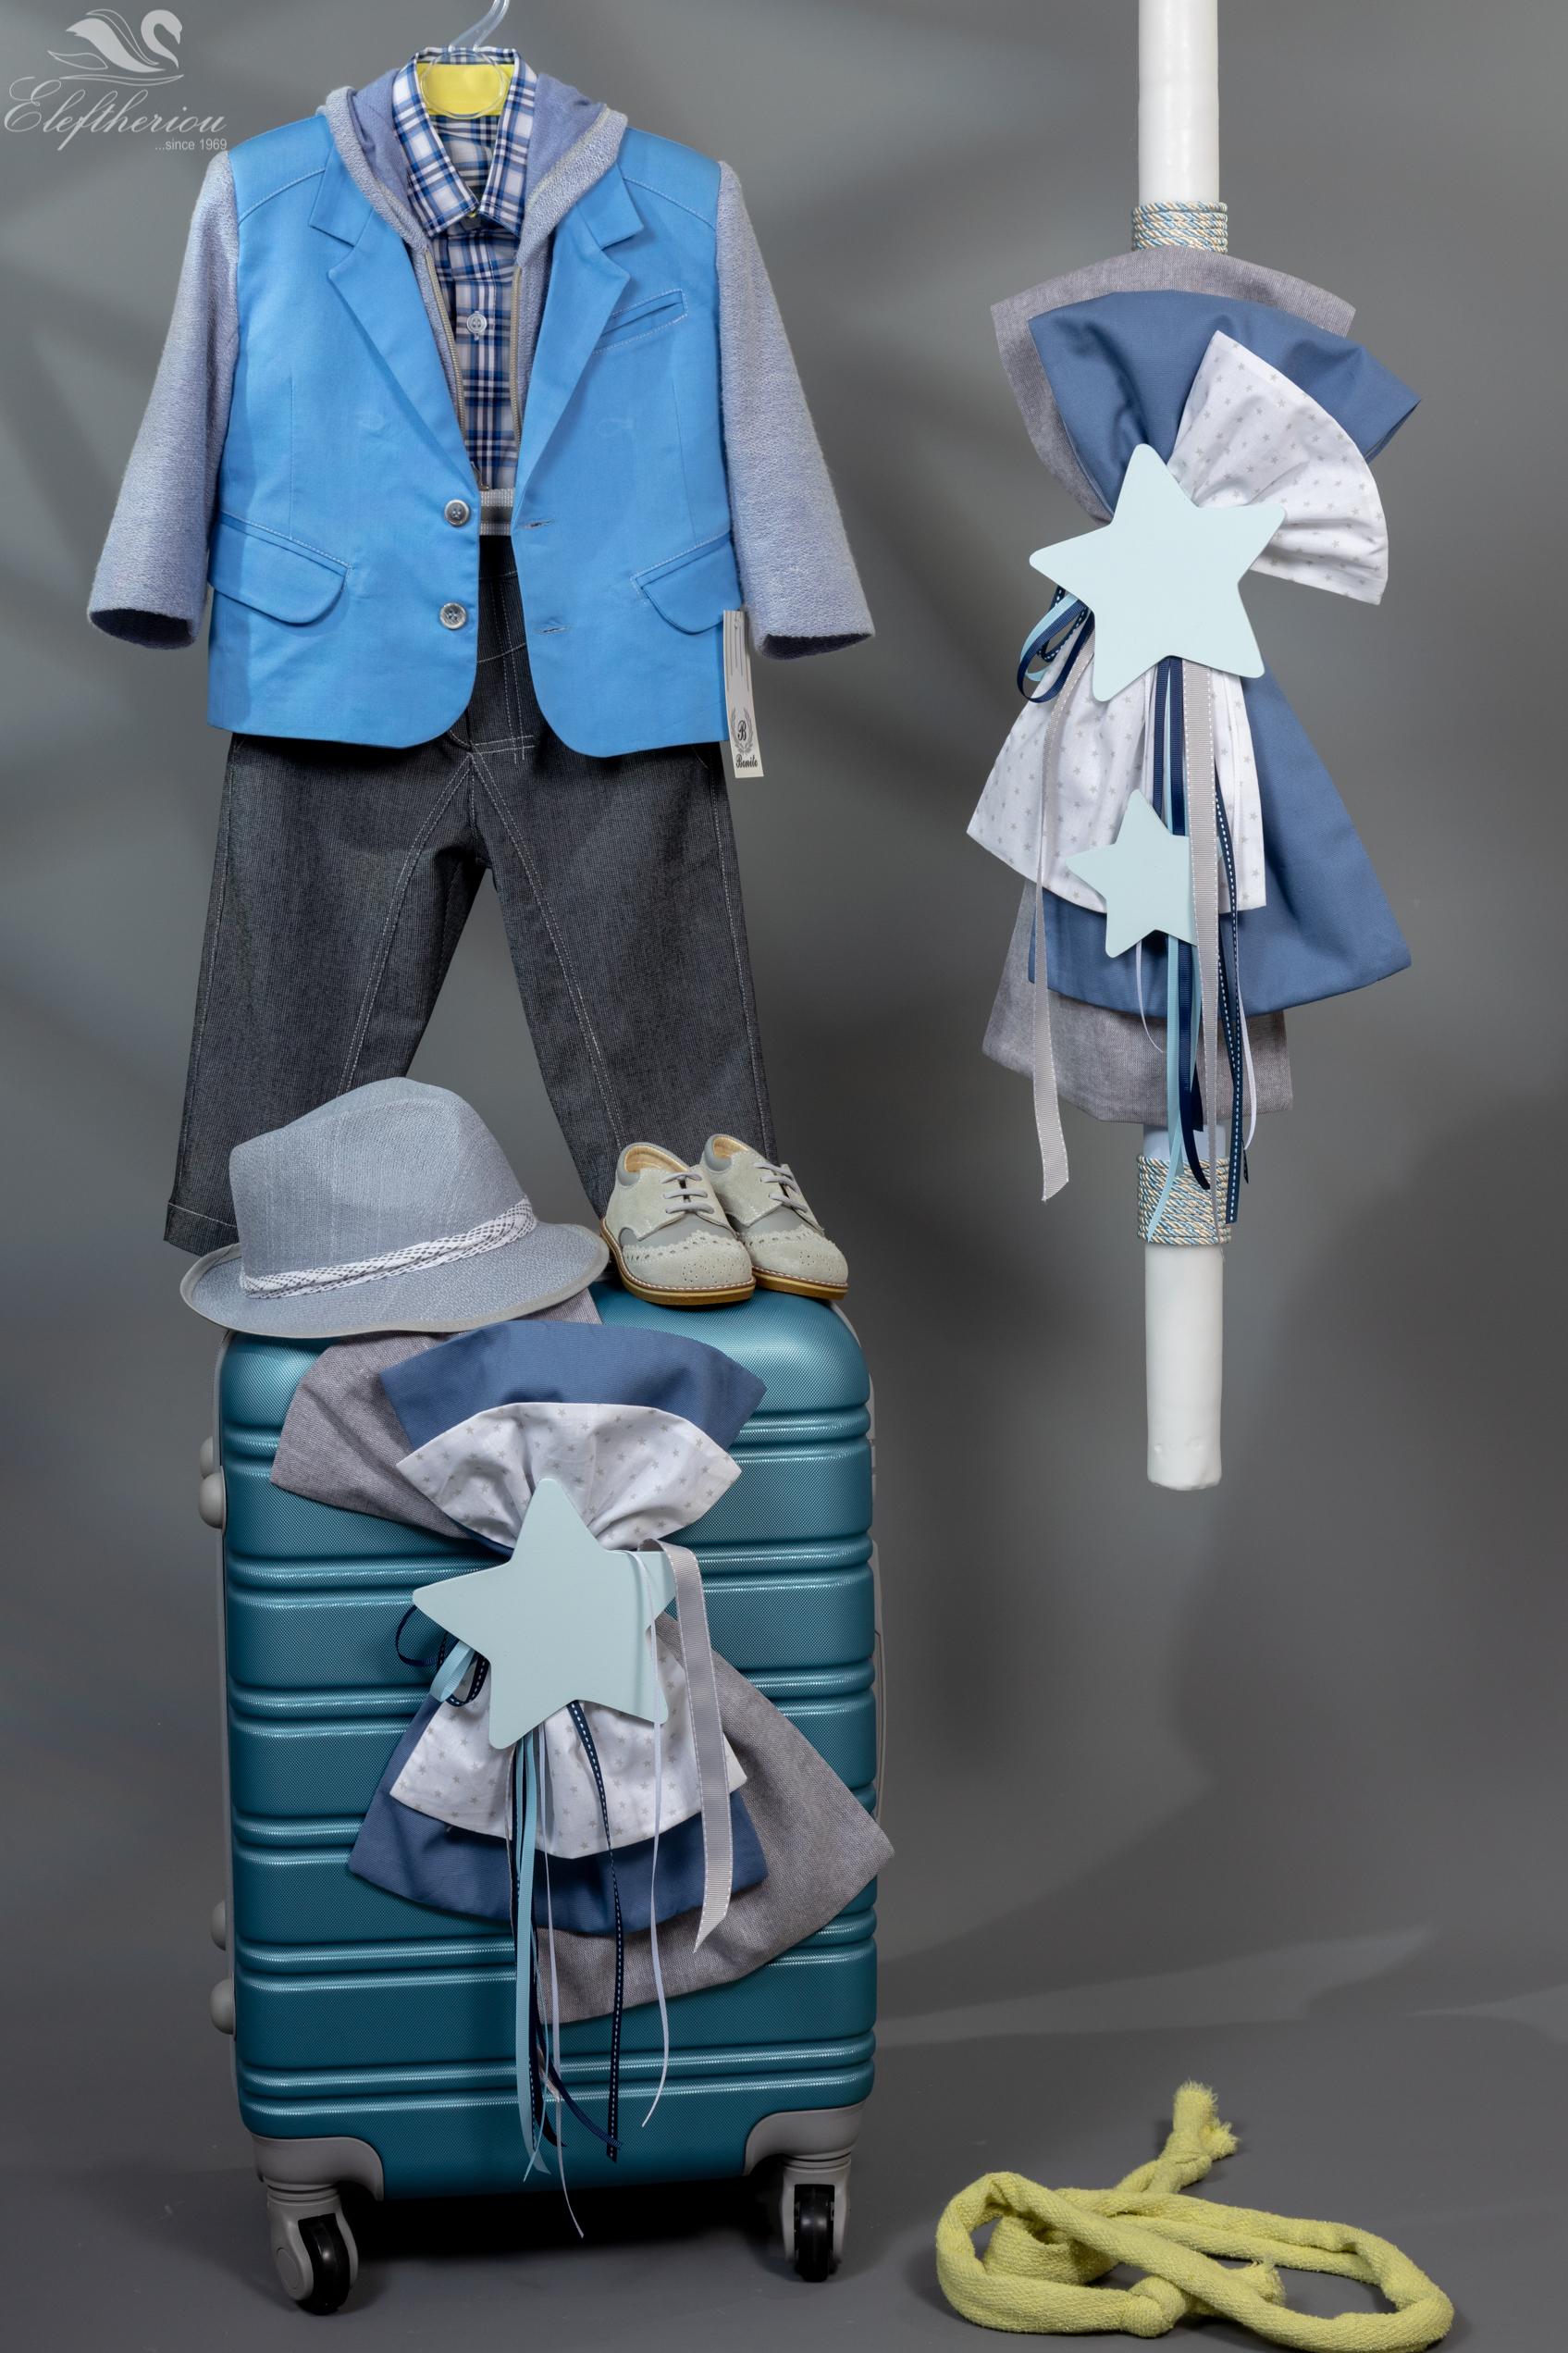 Προσφορά σε σετ βαπτιστικών για αγόρι